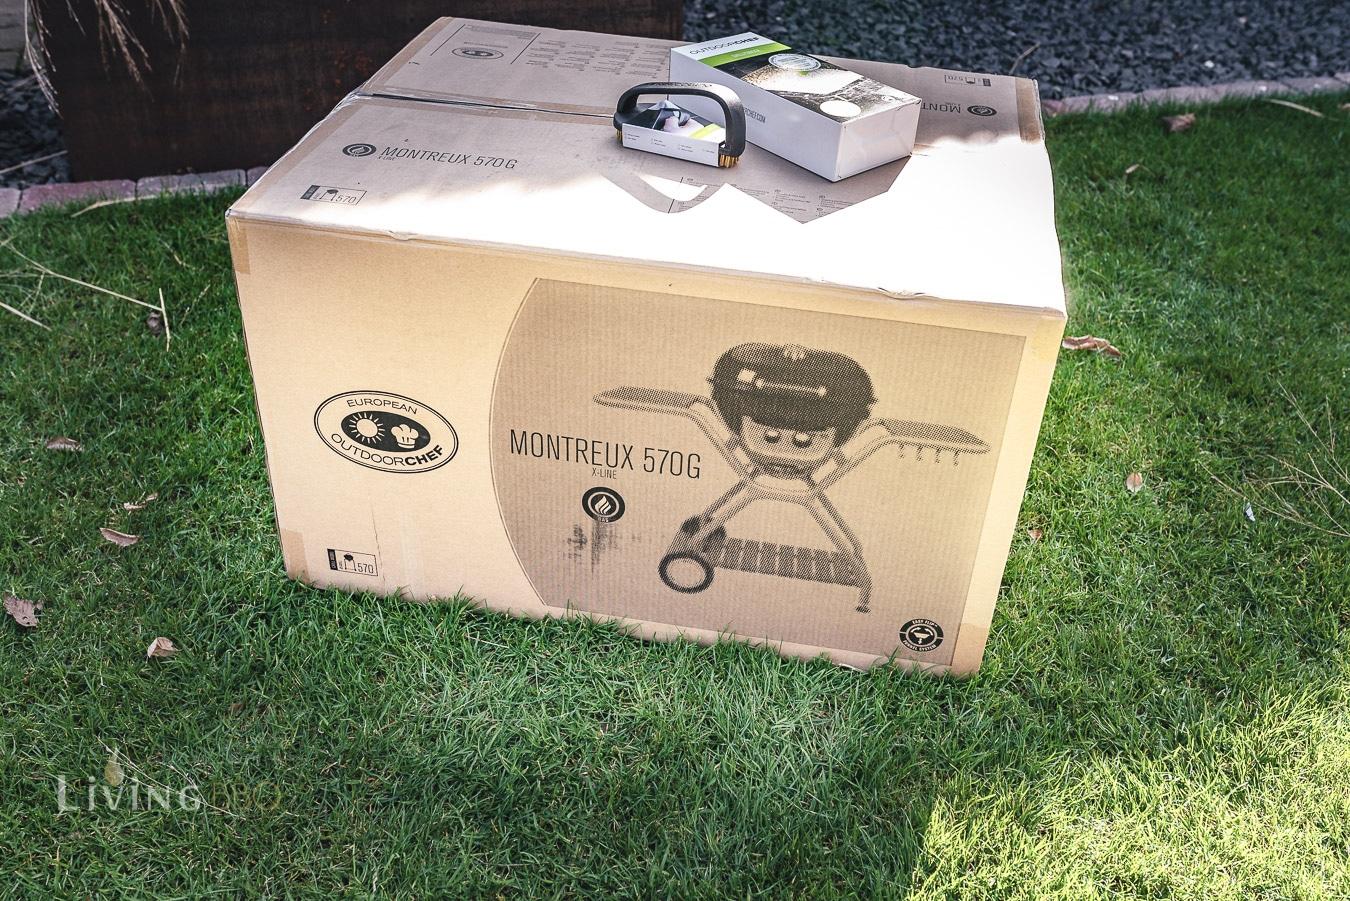 Der Karton des Outdoorchef Montreux 570 G Chef Edition